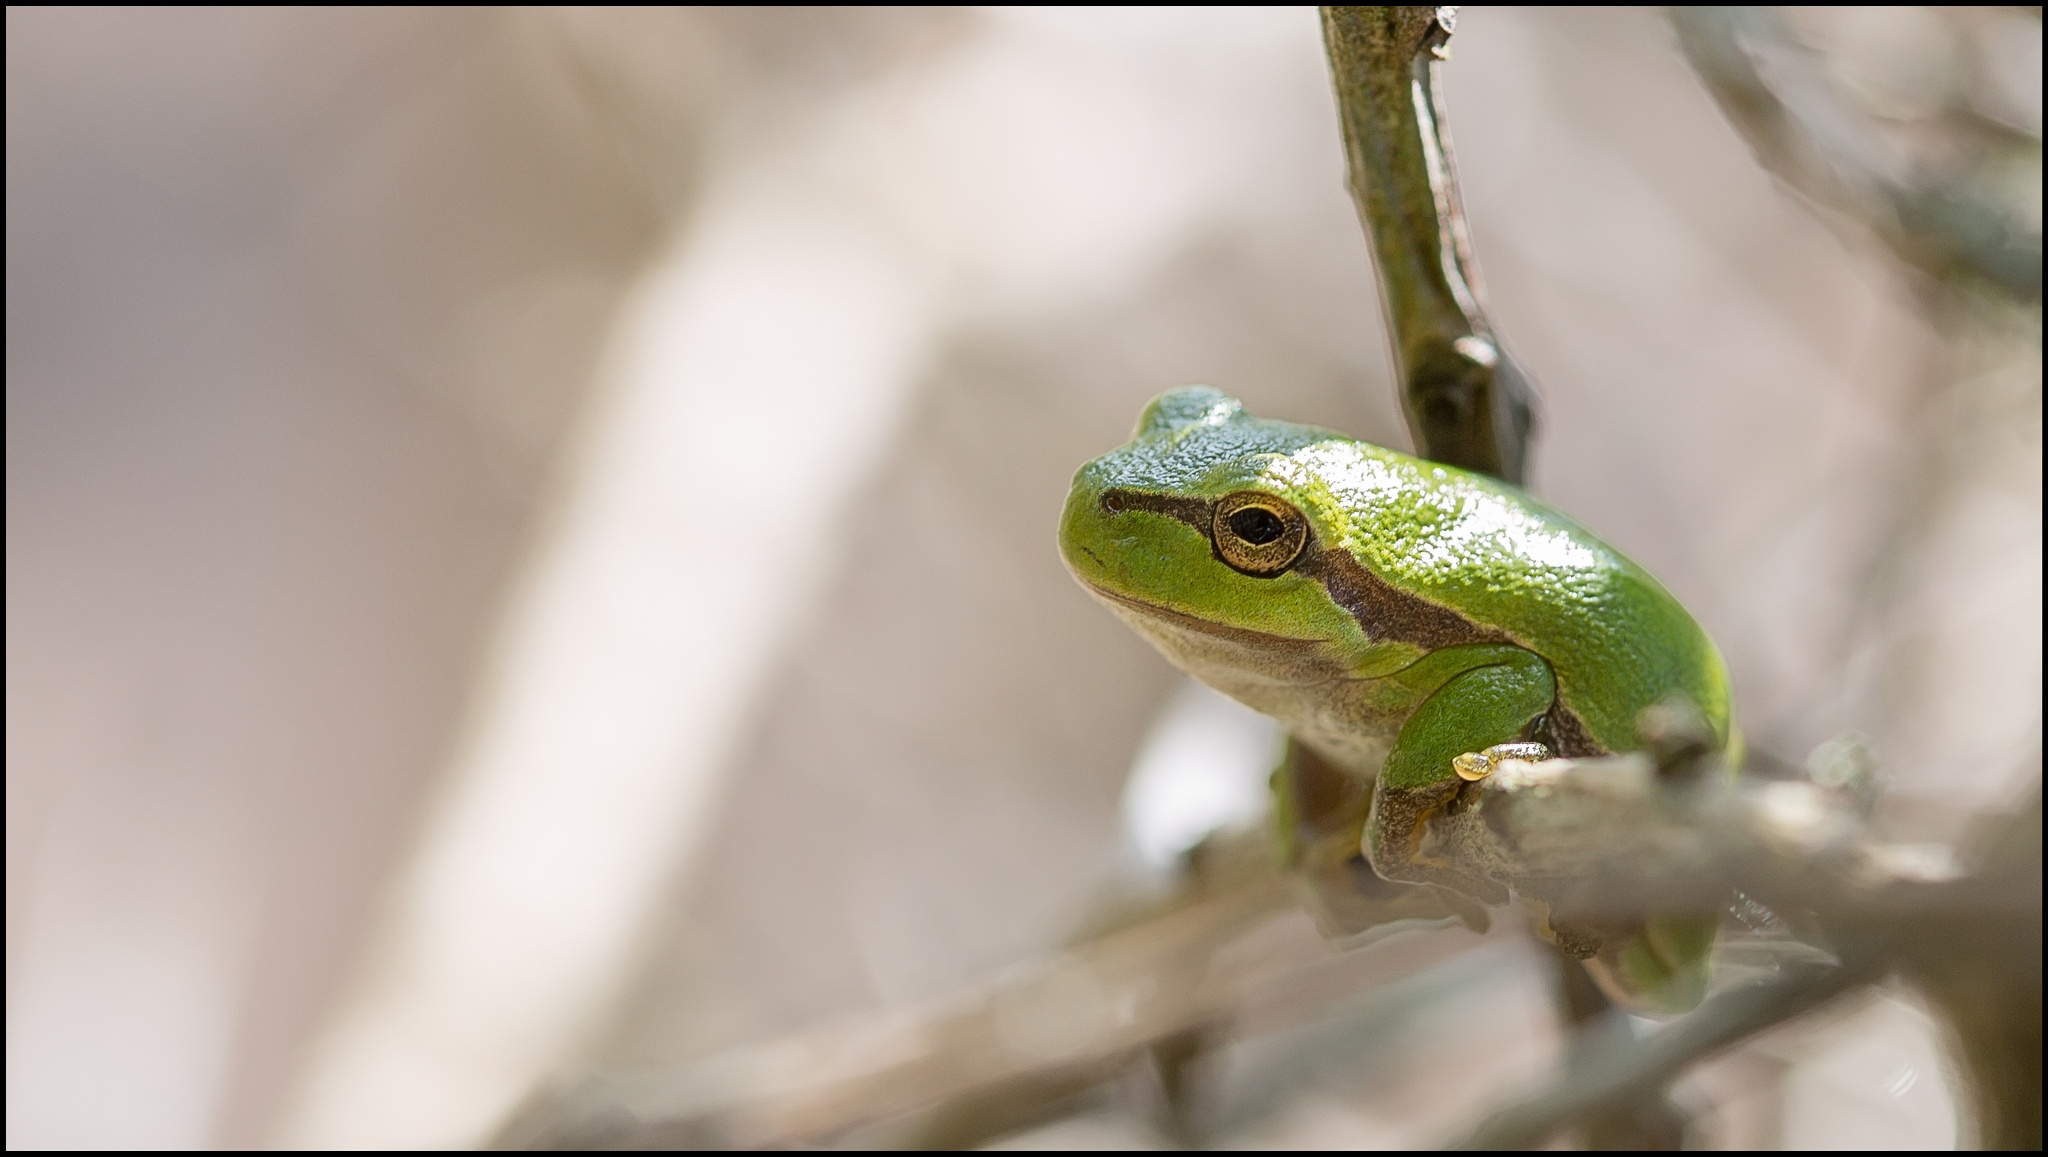 Green tree frog by Alex Verweij